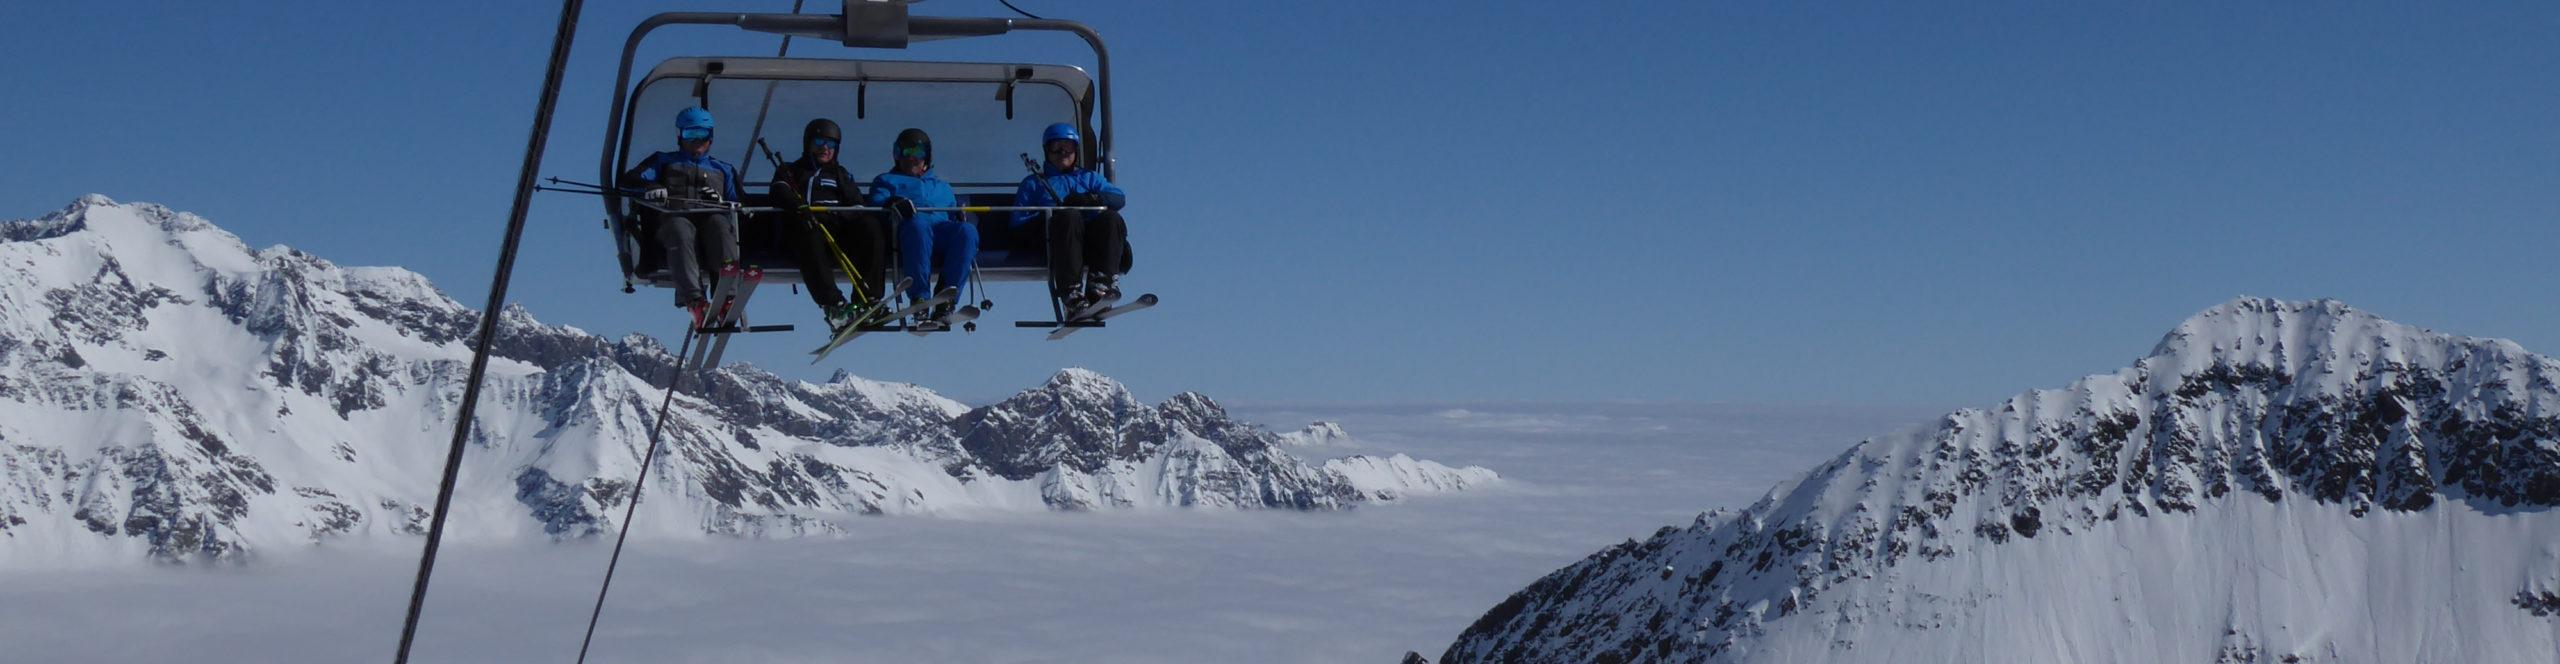 STUBAIER GLETSCHER – Gletscher- Skiwochenende – mit absoluter Schneegarantie – ab Donnerstag Nachmittag